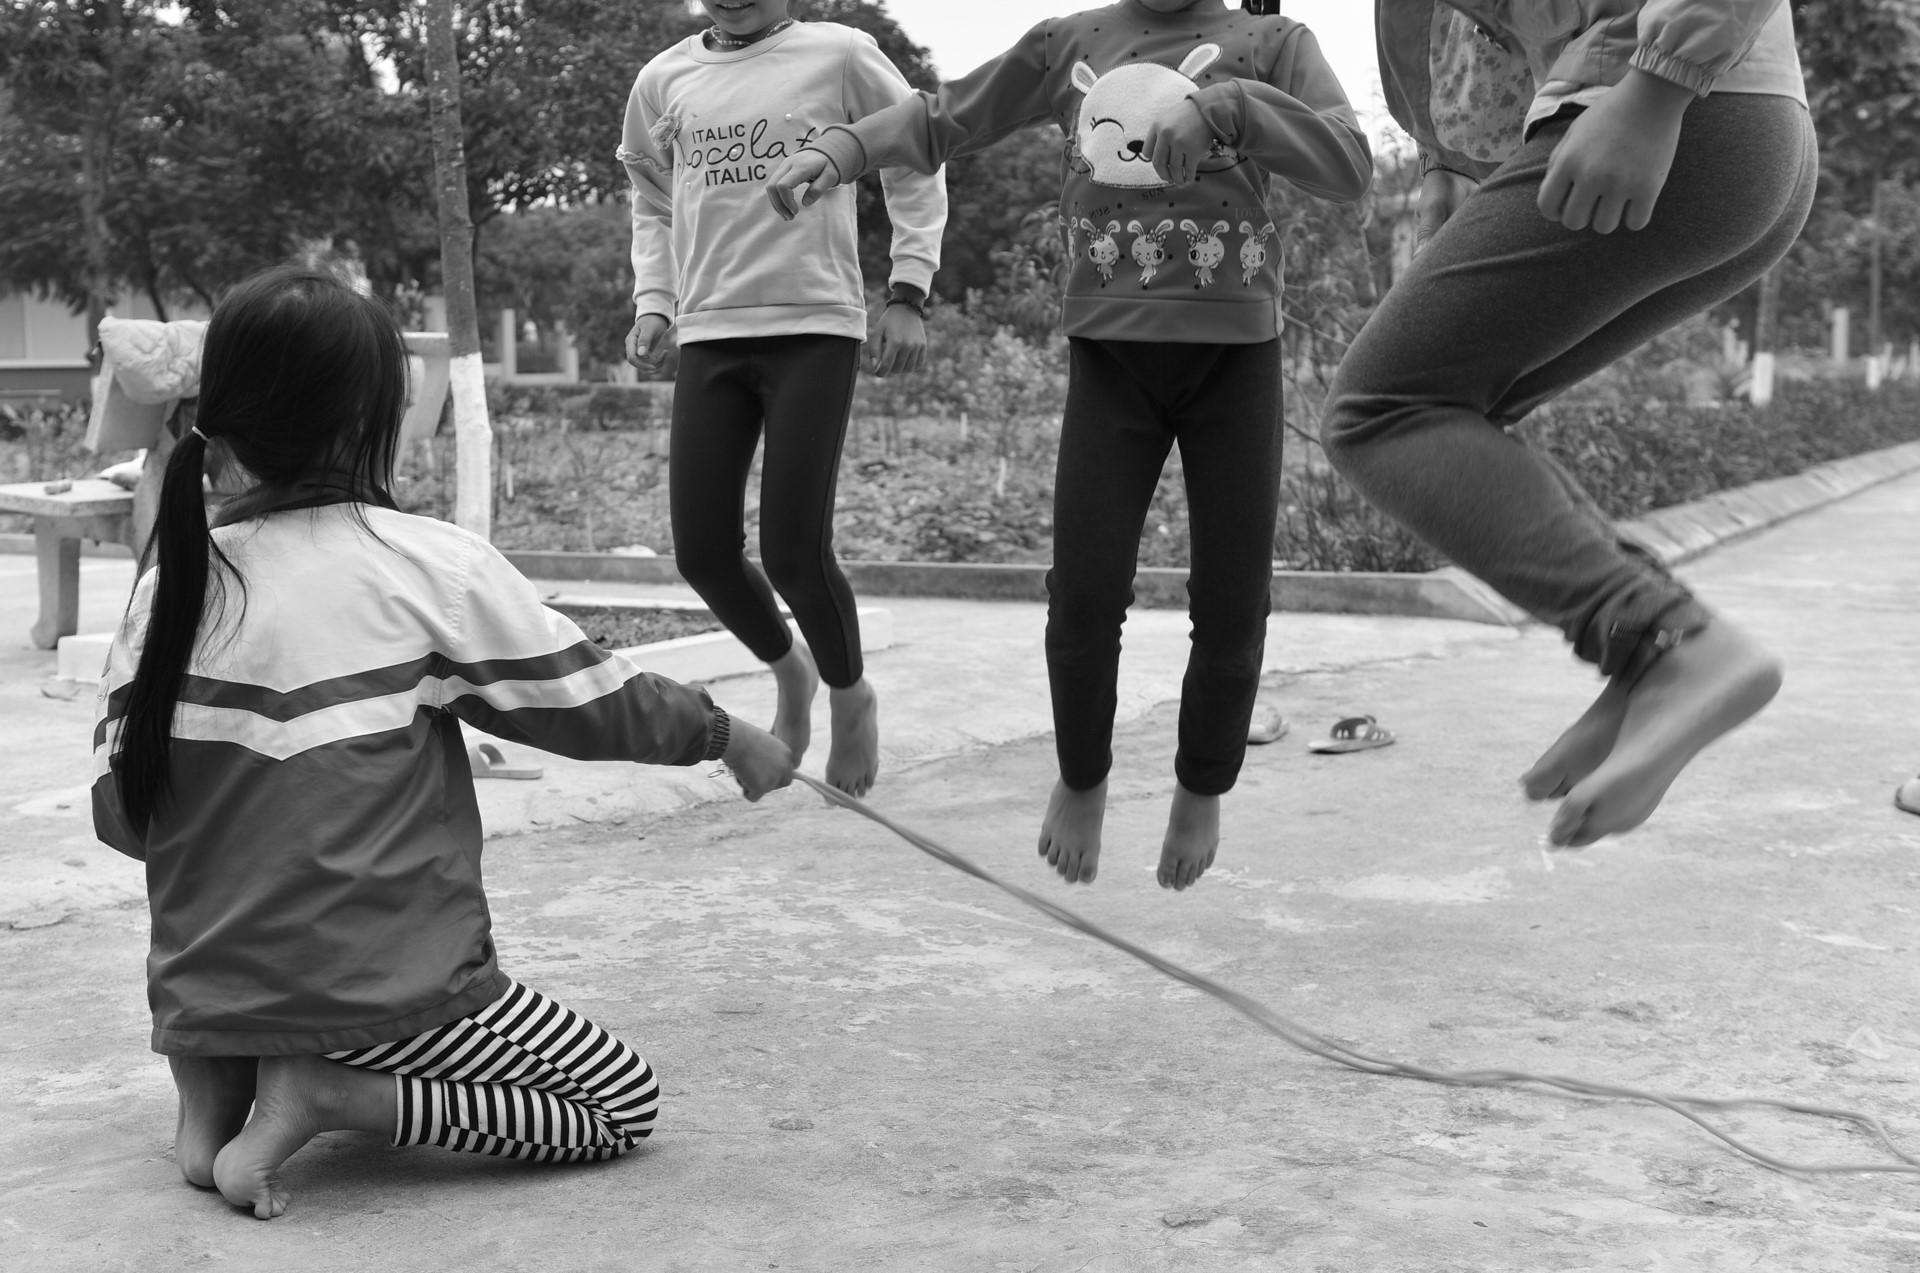 Ngôi nhà chung của 80 trẻ em nhiễm HIV bị bỏ rơi-2